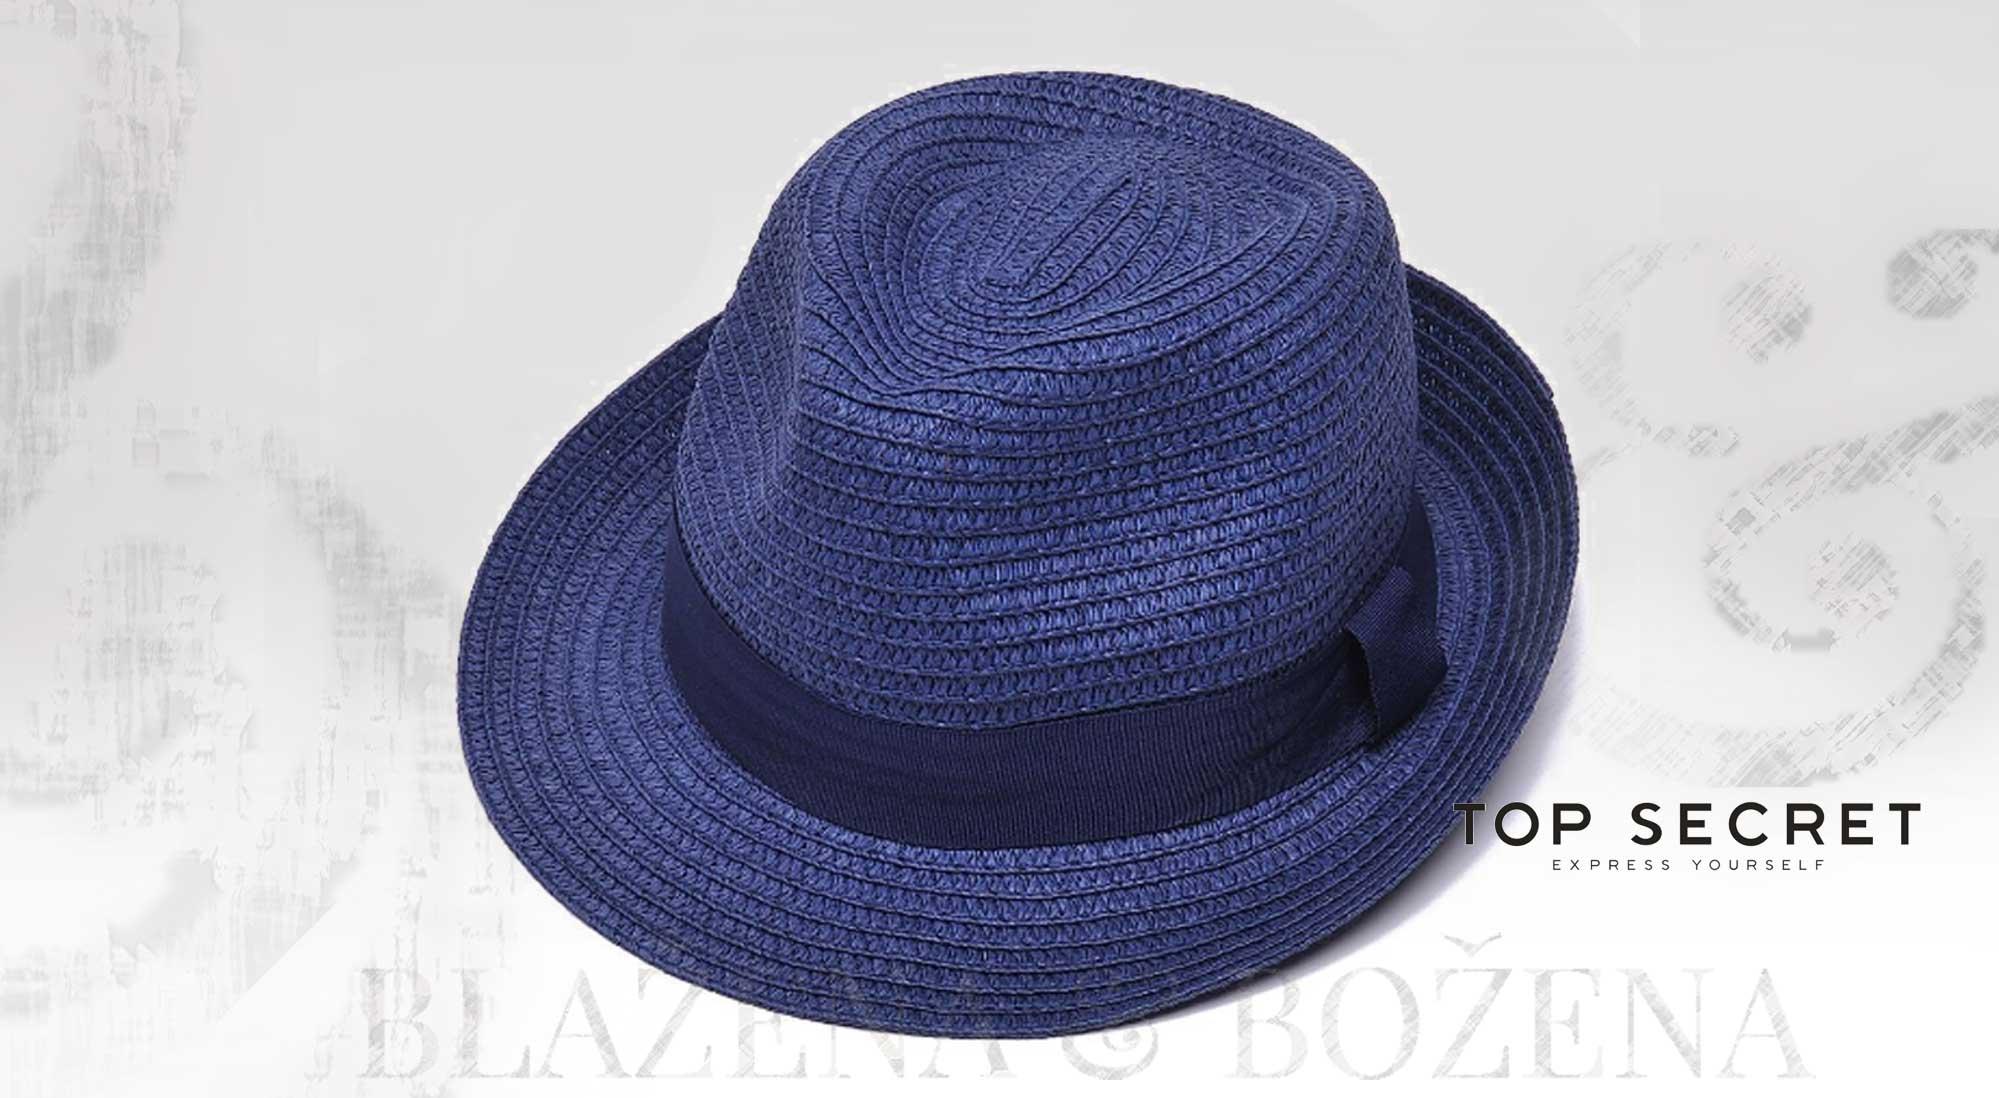 ad4ed688727 Blažena Božena. královny klobouků. Modrý slamák TOP SECRET